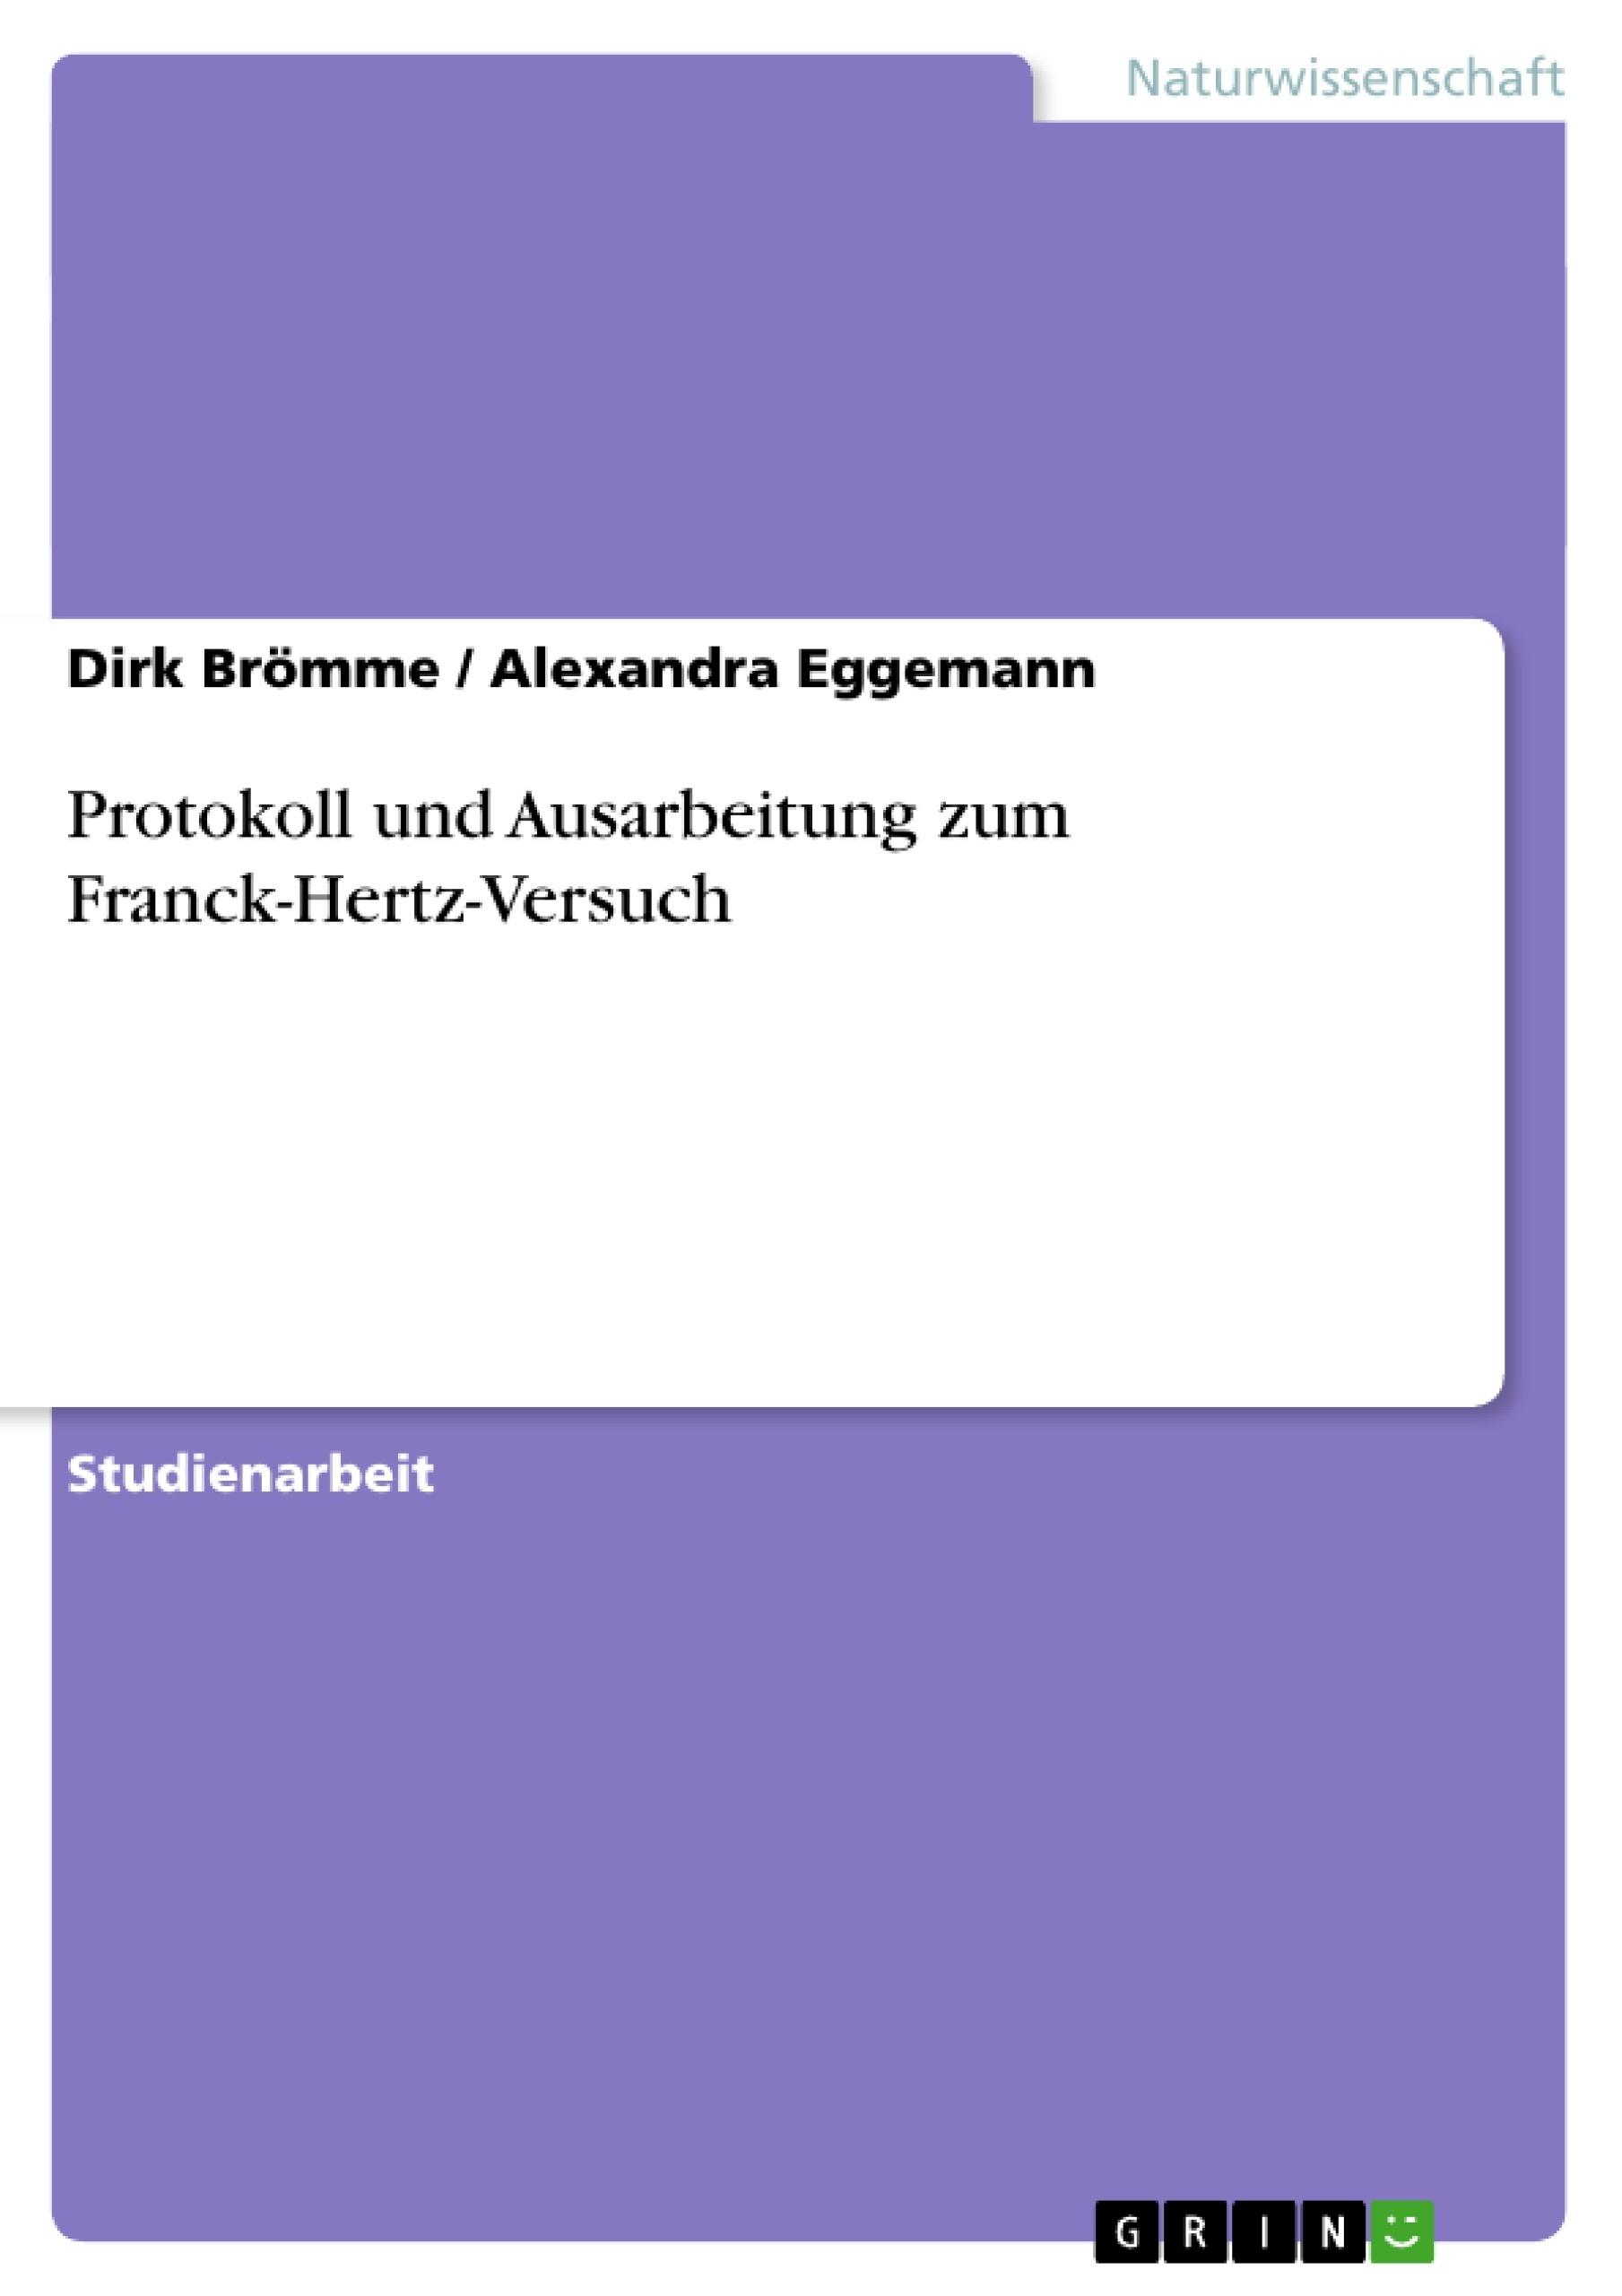 Titel: Protokoll und Ausarbeitung zum Franck-Hertz-Versuch